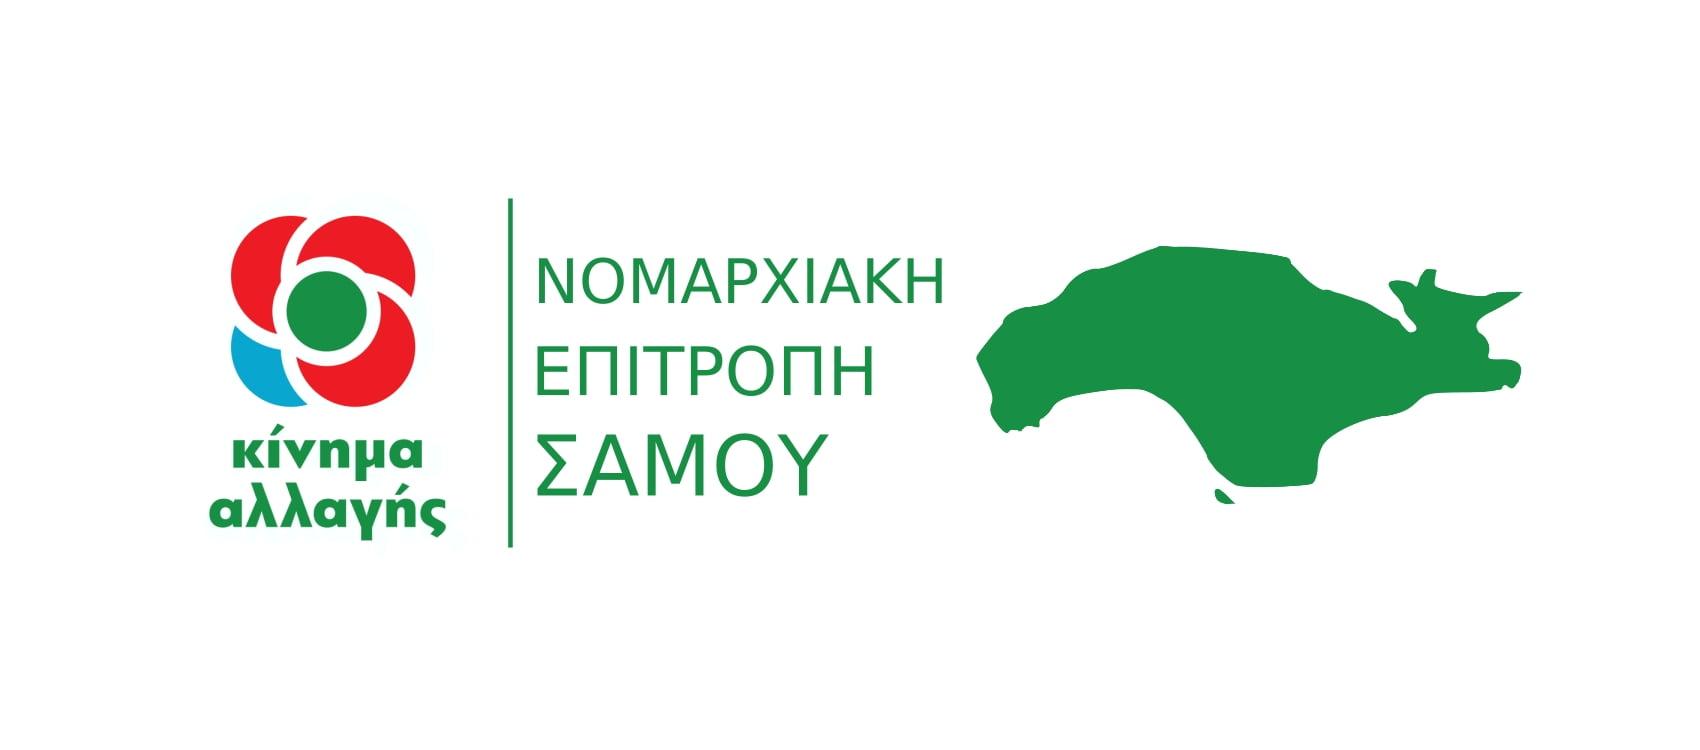 Νομαρχιακή Επιτροπή Σάμου – Κίνημα Αλλαγής: Με μεγάλη θλίψη αποχαιρετάμε σήμερα τον σύντροφο, φίλο και οραματιστή Κώστα Σοφούλη